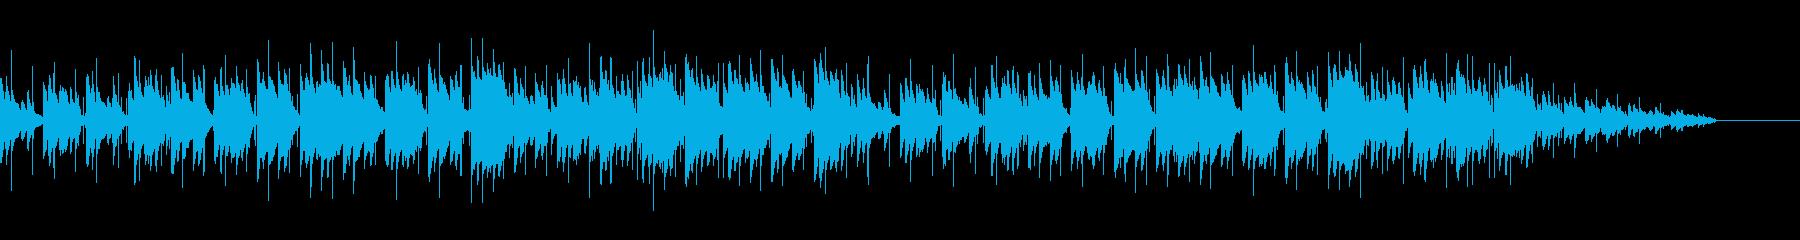 しっとりとしたピアノ(ループバージョン)の再生済みの波形